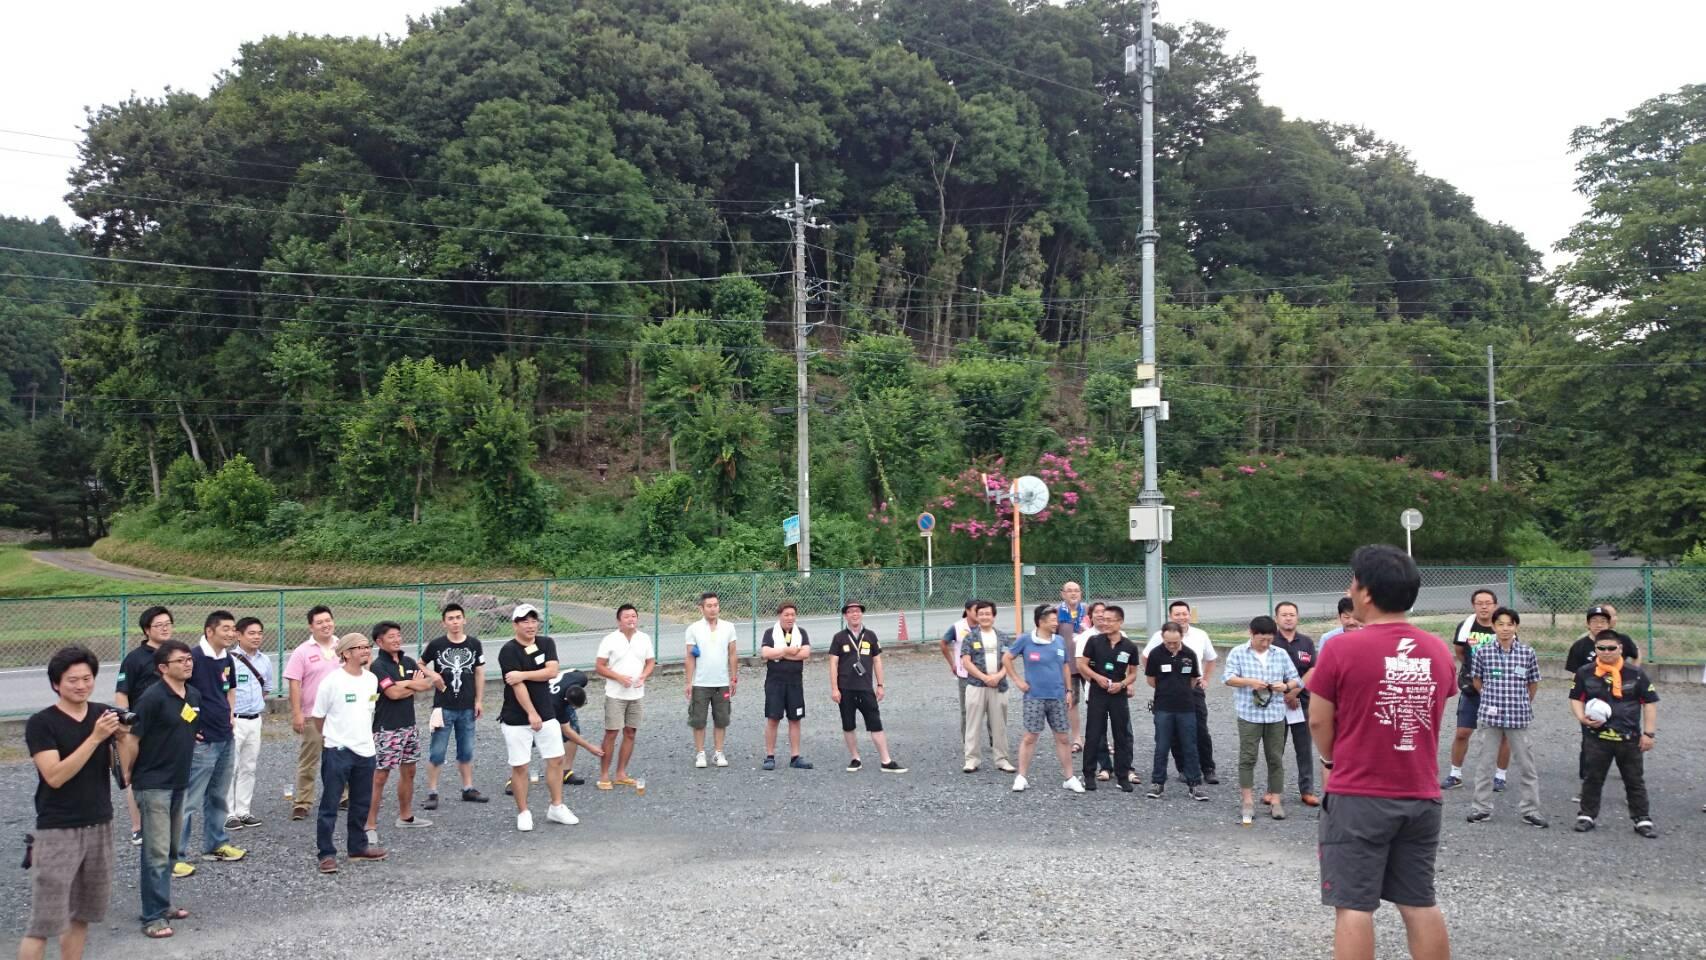 栃木YEG様との交流釣り大会